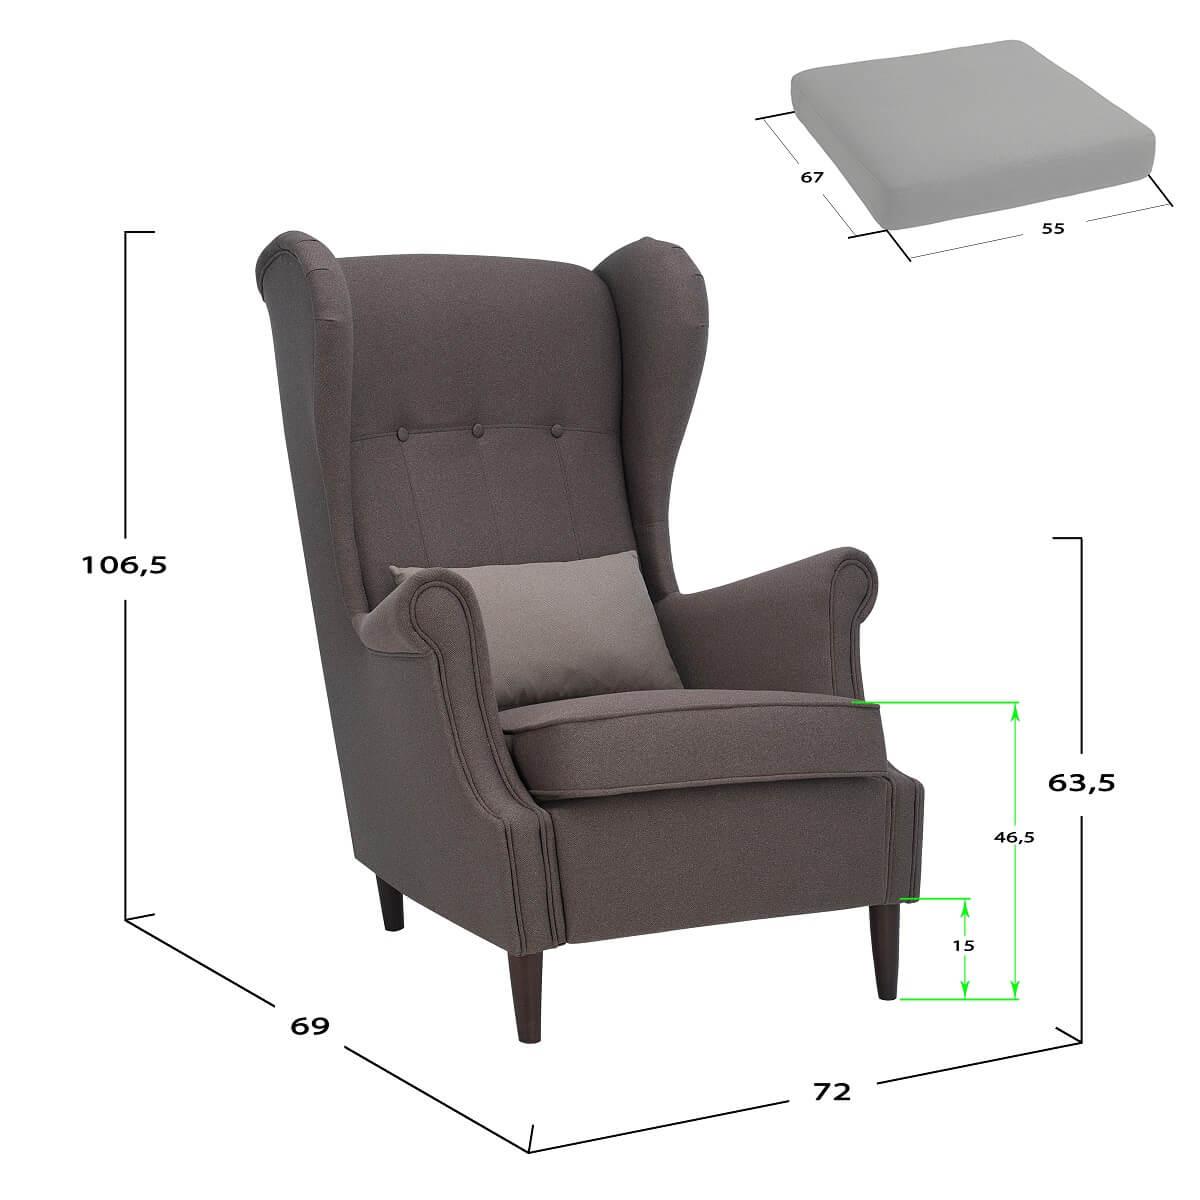 Каминное кресло для отдыха leset Монтего - габариты и размеры